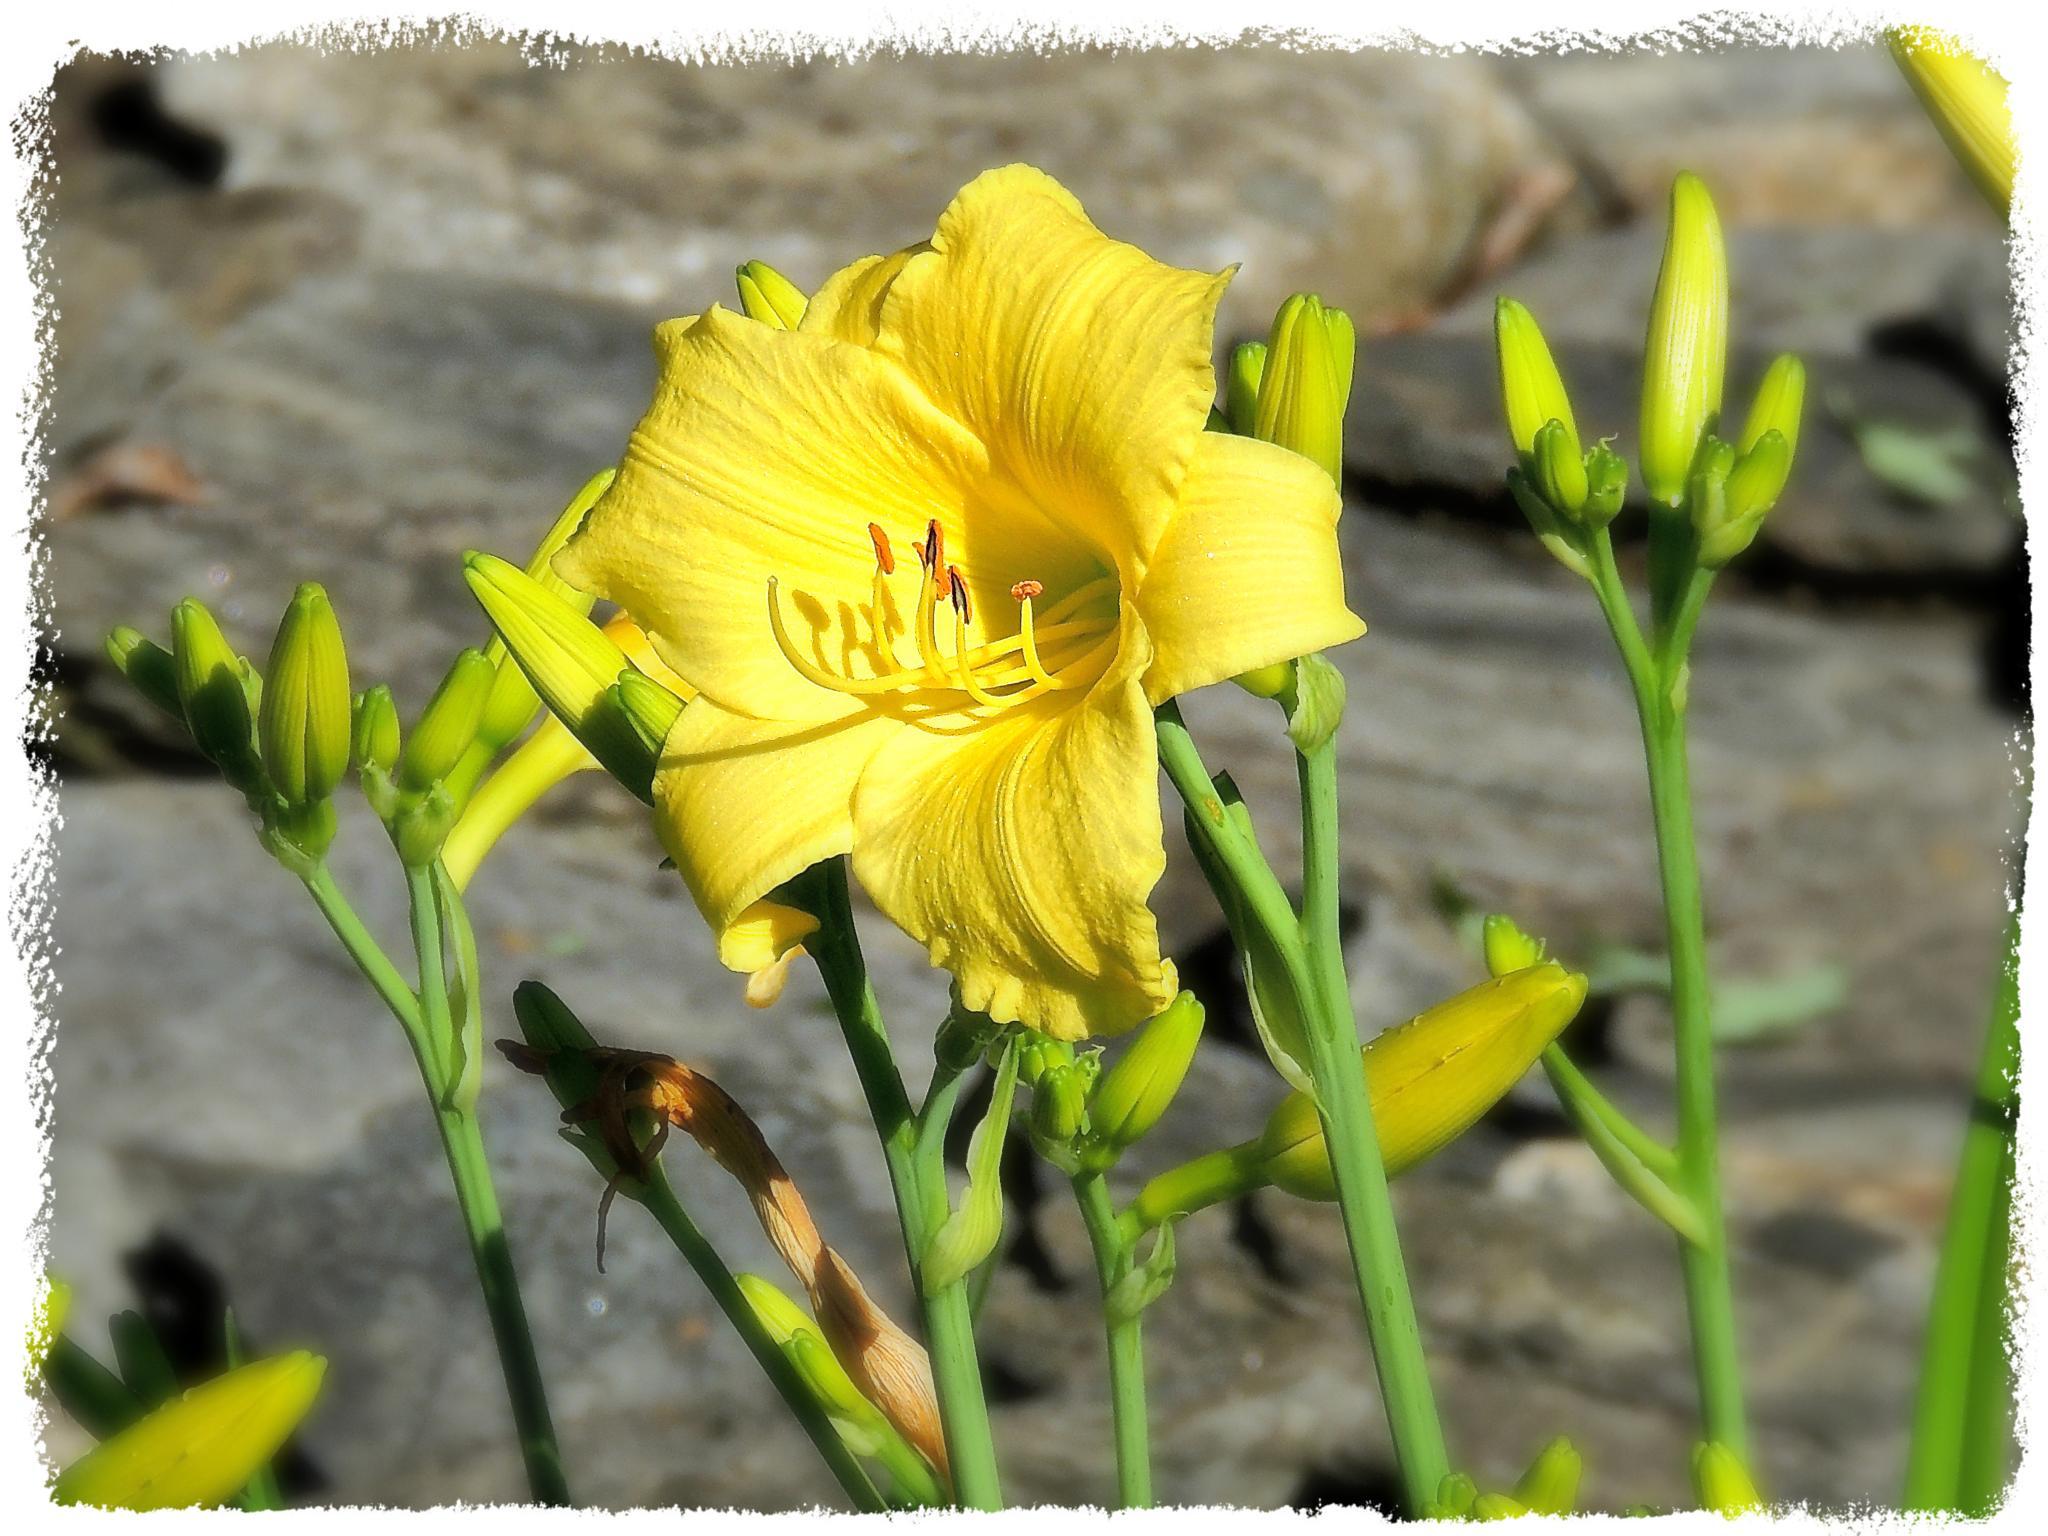 Lemon Lily by Dana Wiehl